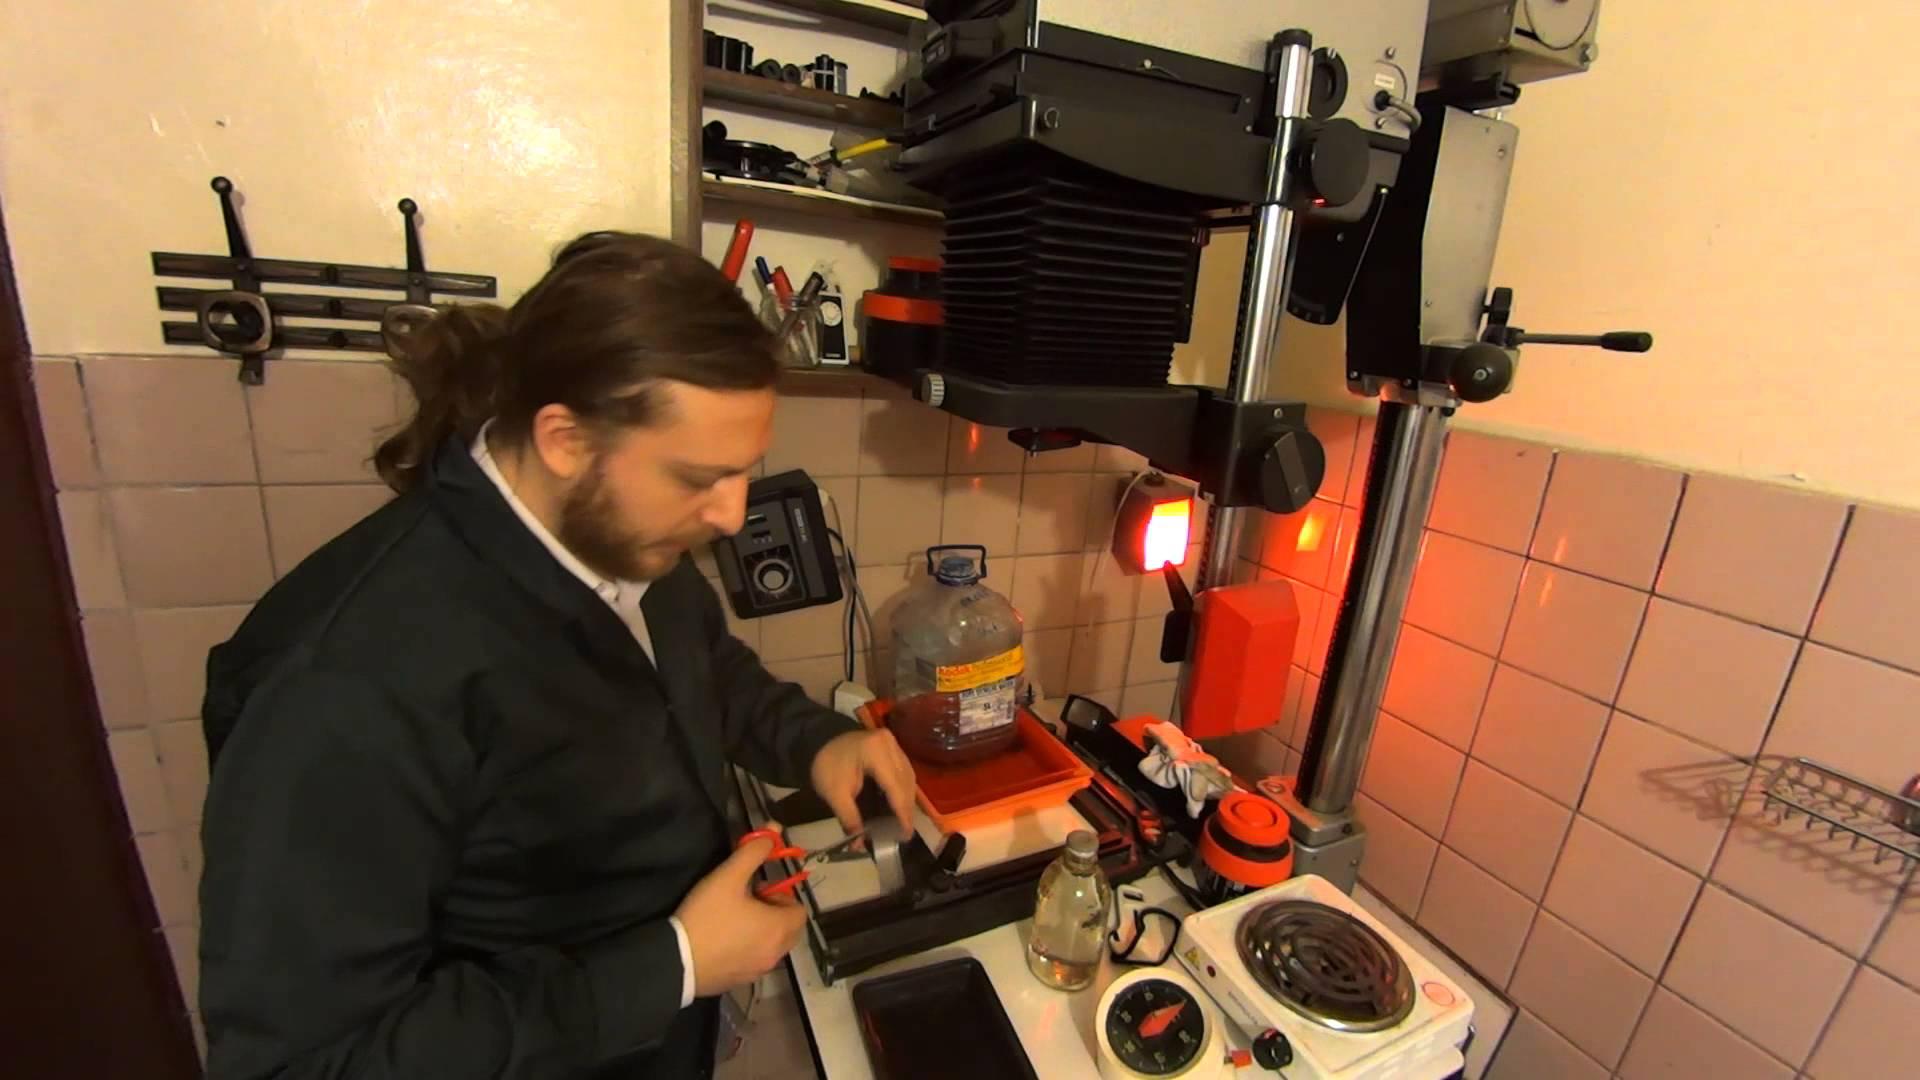 гисмеев хочет лаборатория для проявления фотографий раствор деятельность